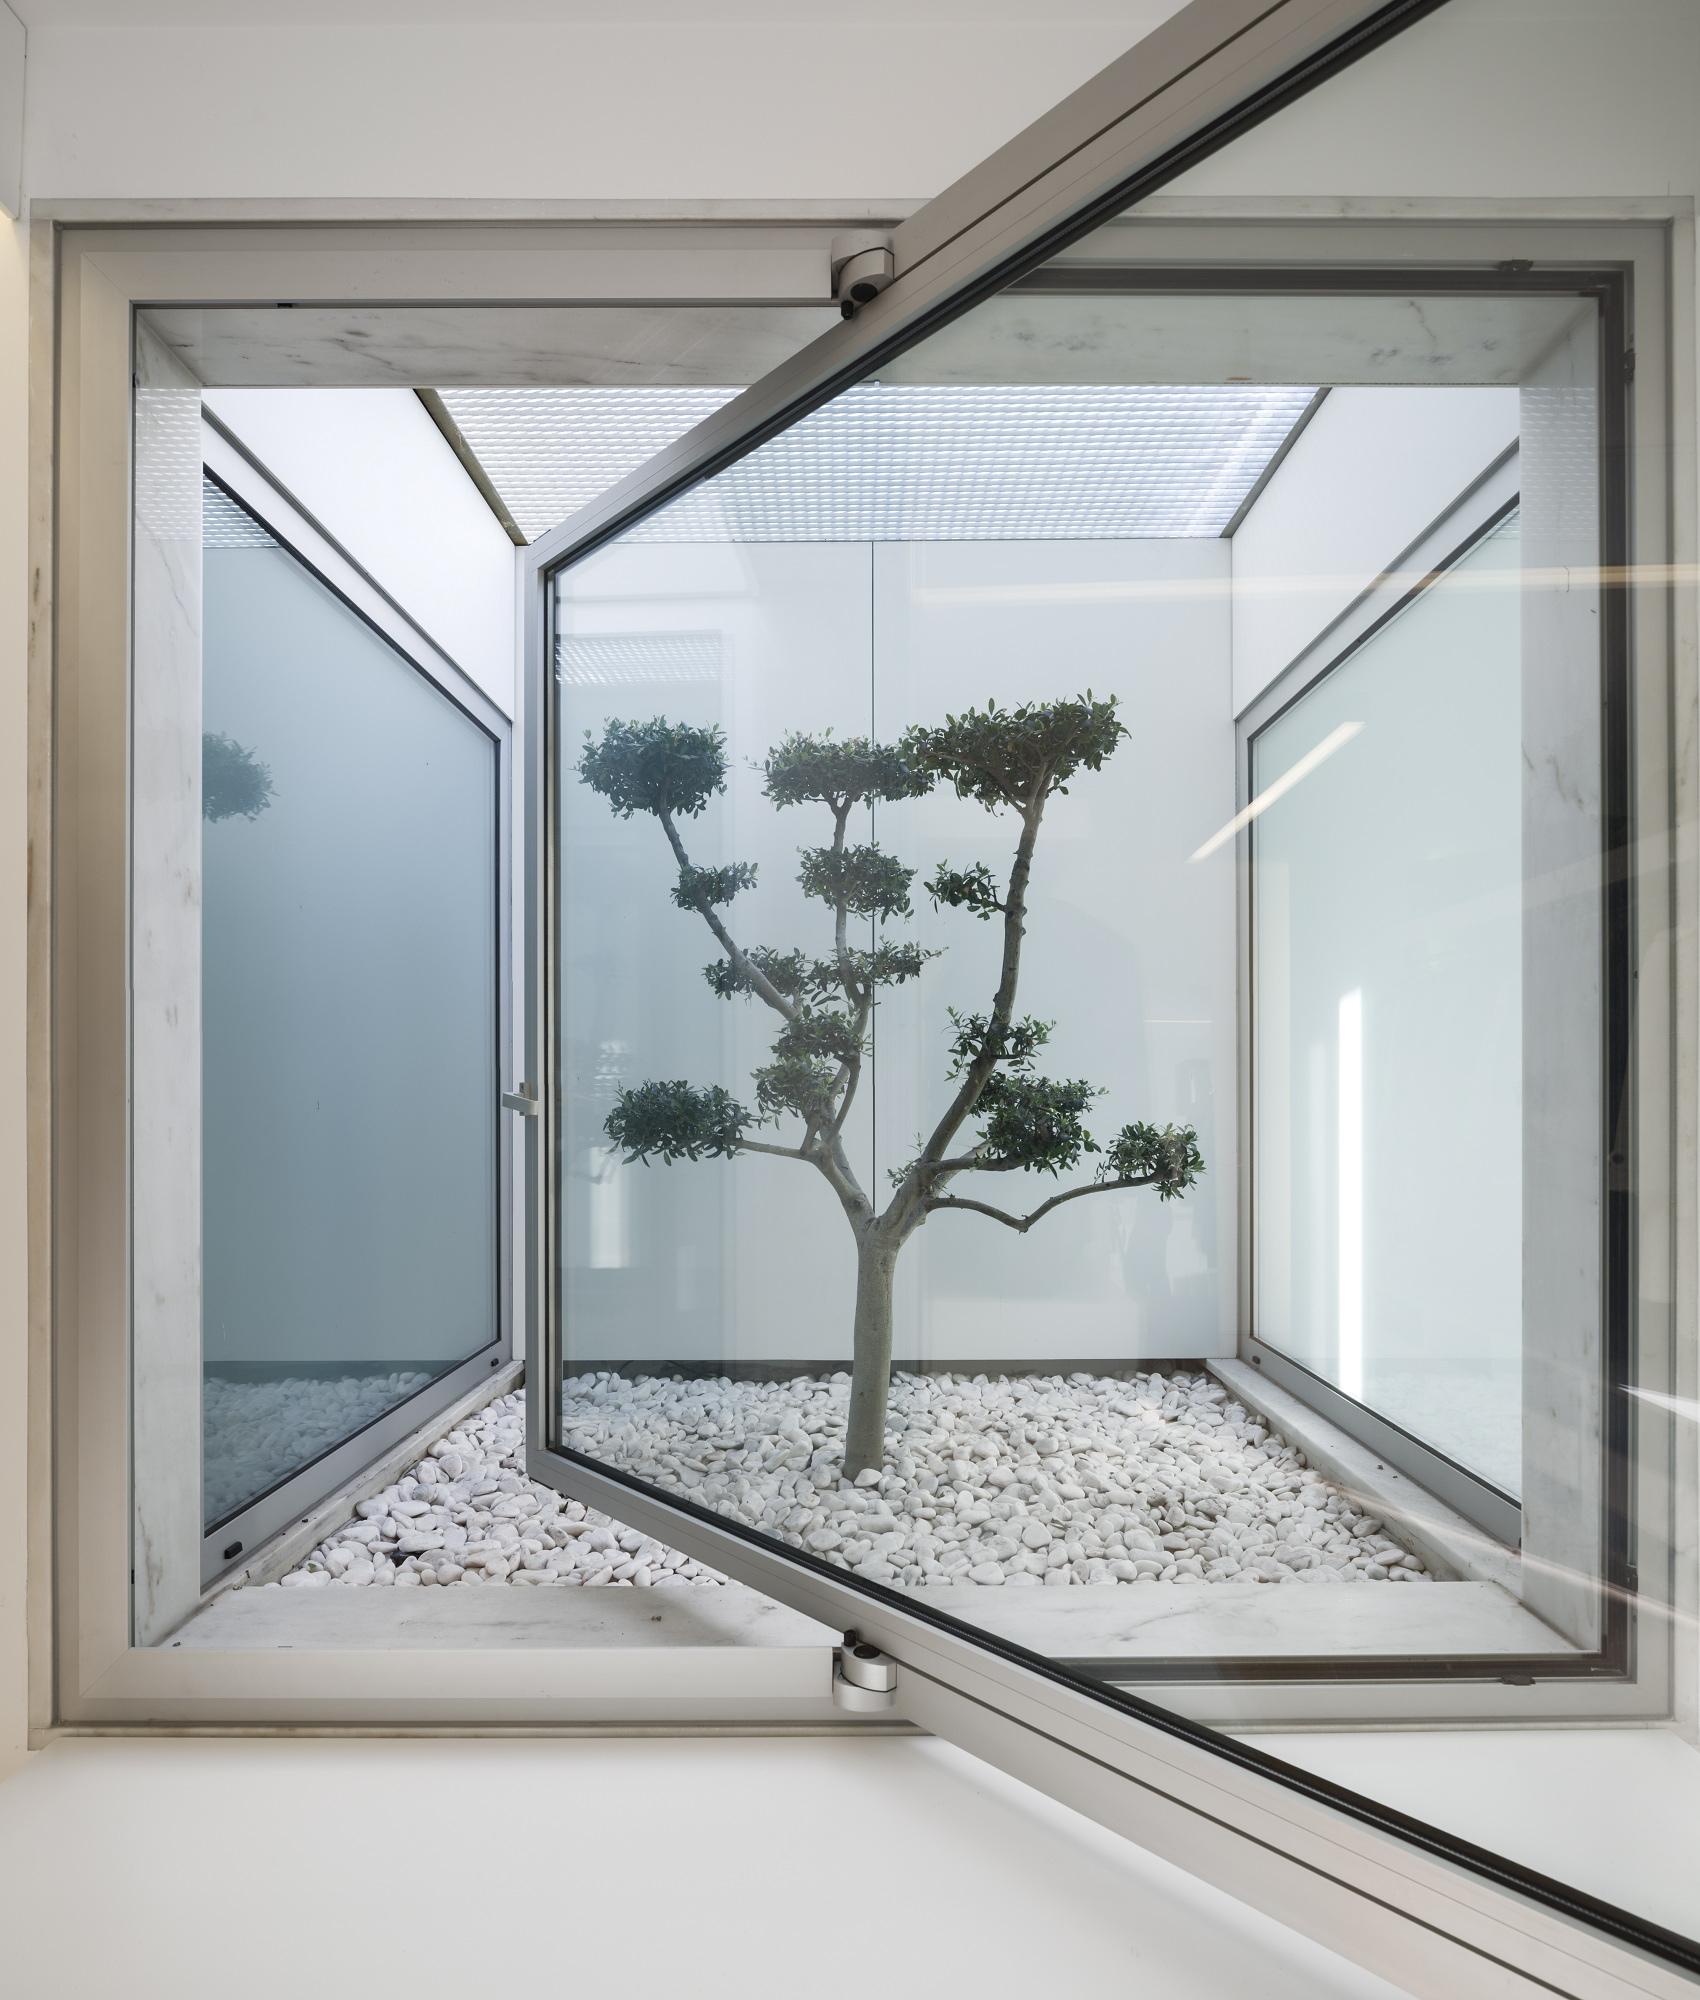 Vivienda unifamiliar en parede humberto conde arquitectos - Plantas para patio interior ...